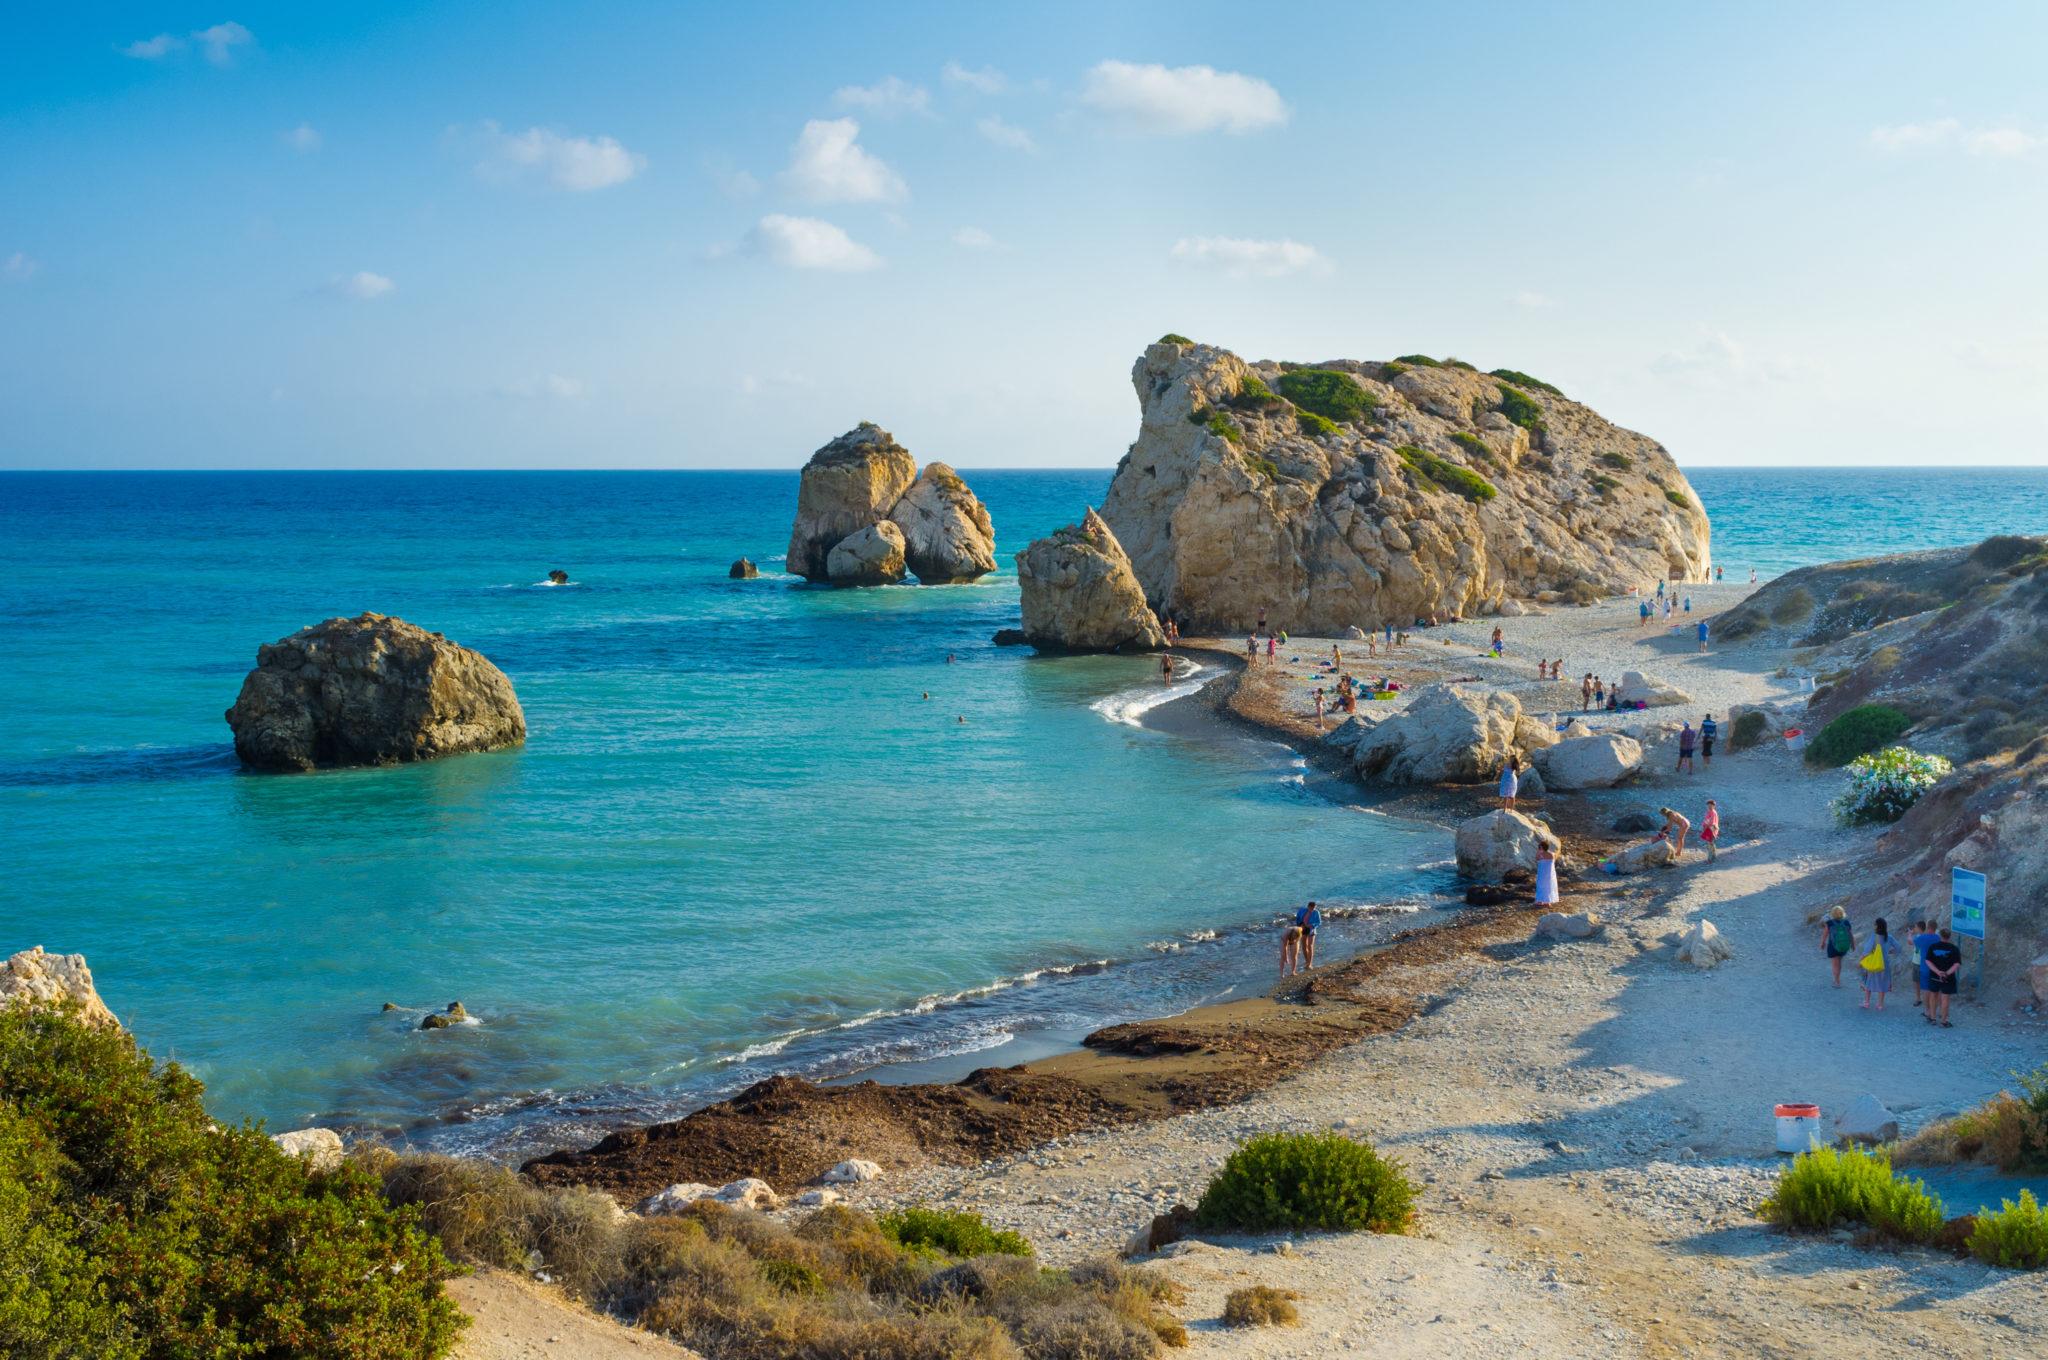 Traumstrand auf Zypern